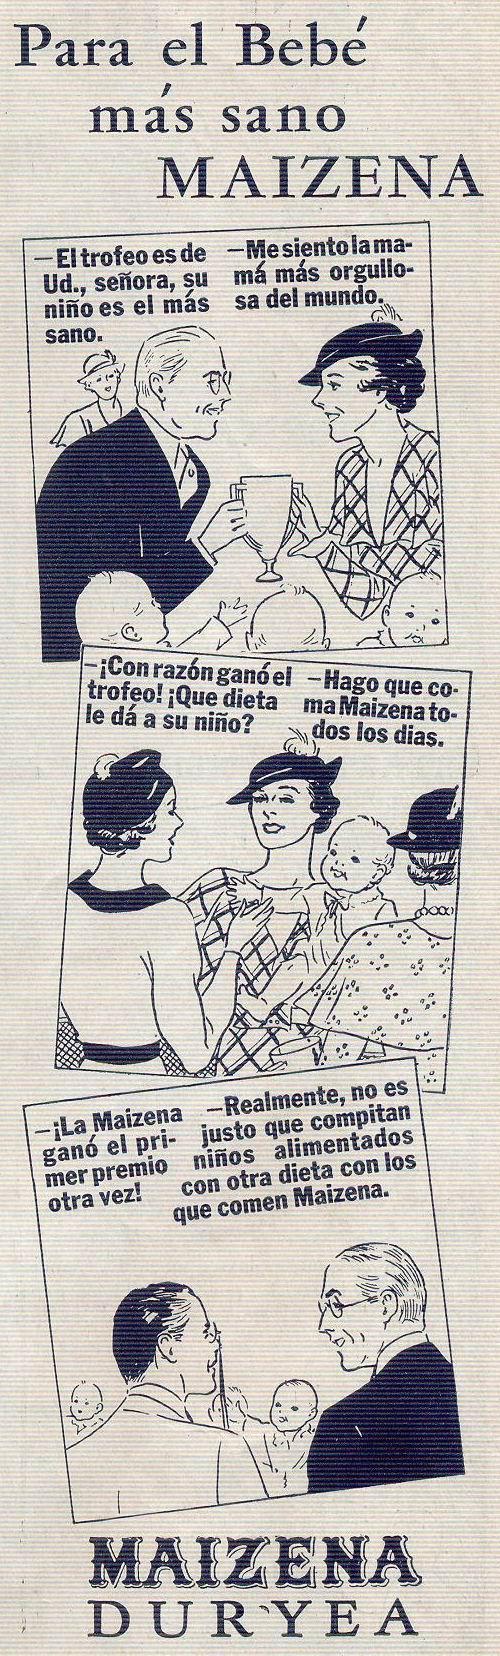 Cinelandia, Tomo XI Nº 1, Janeiro 1937 - 57a